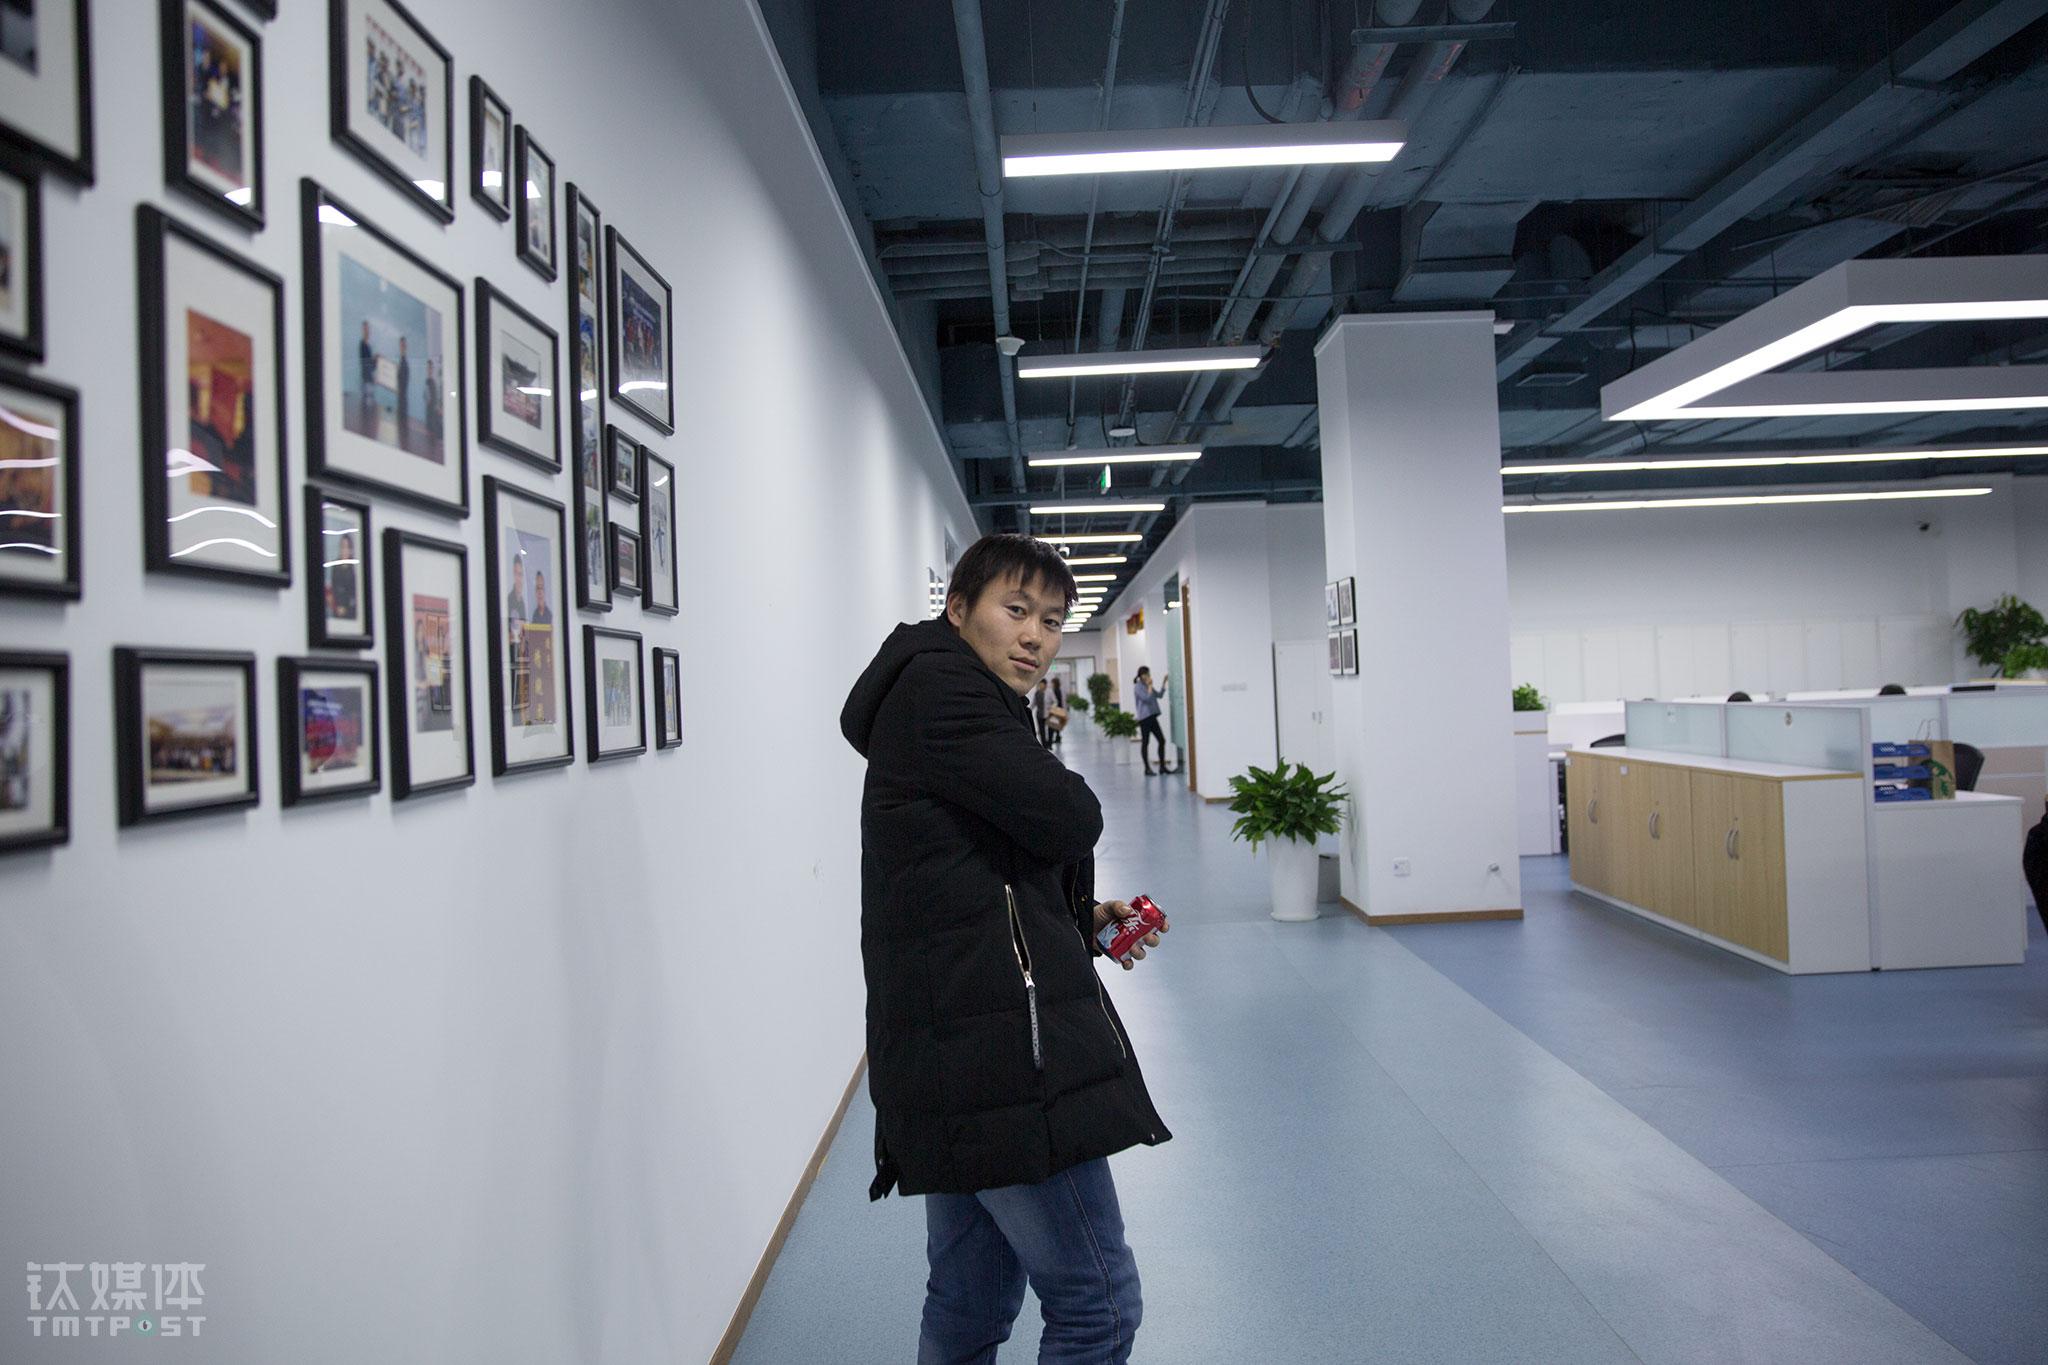 2017年,闫军祥加入一家会展服务平台,公司将北京的市场交给他负责。这个平台专门为线下会展提供兼职人力资源服务。几年下来积累的口碑和资源,使闫军祥很胜任这份工作。公司在一个共享办公室内,工作环境比他前两年要好很多。